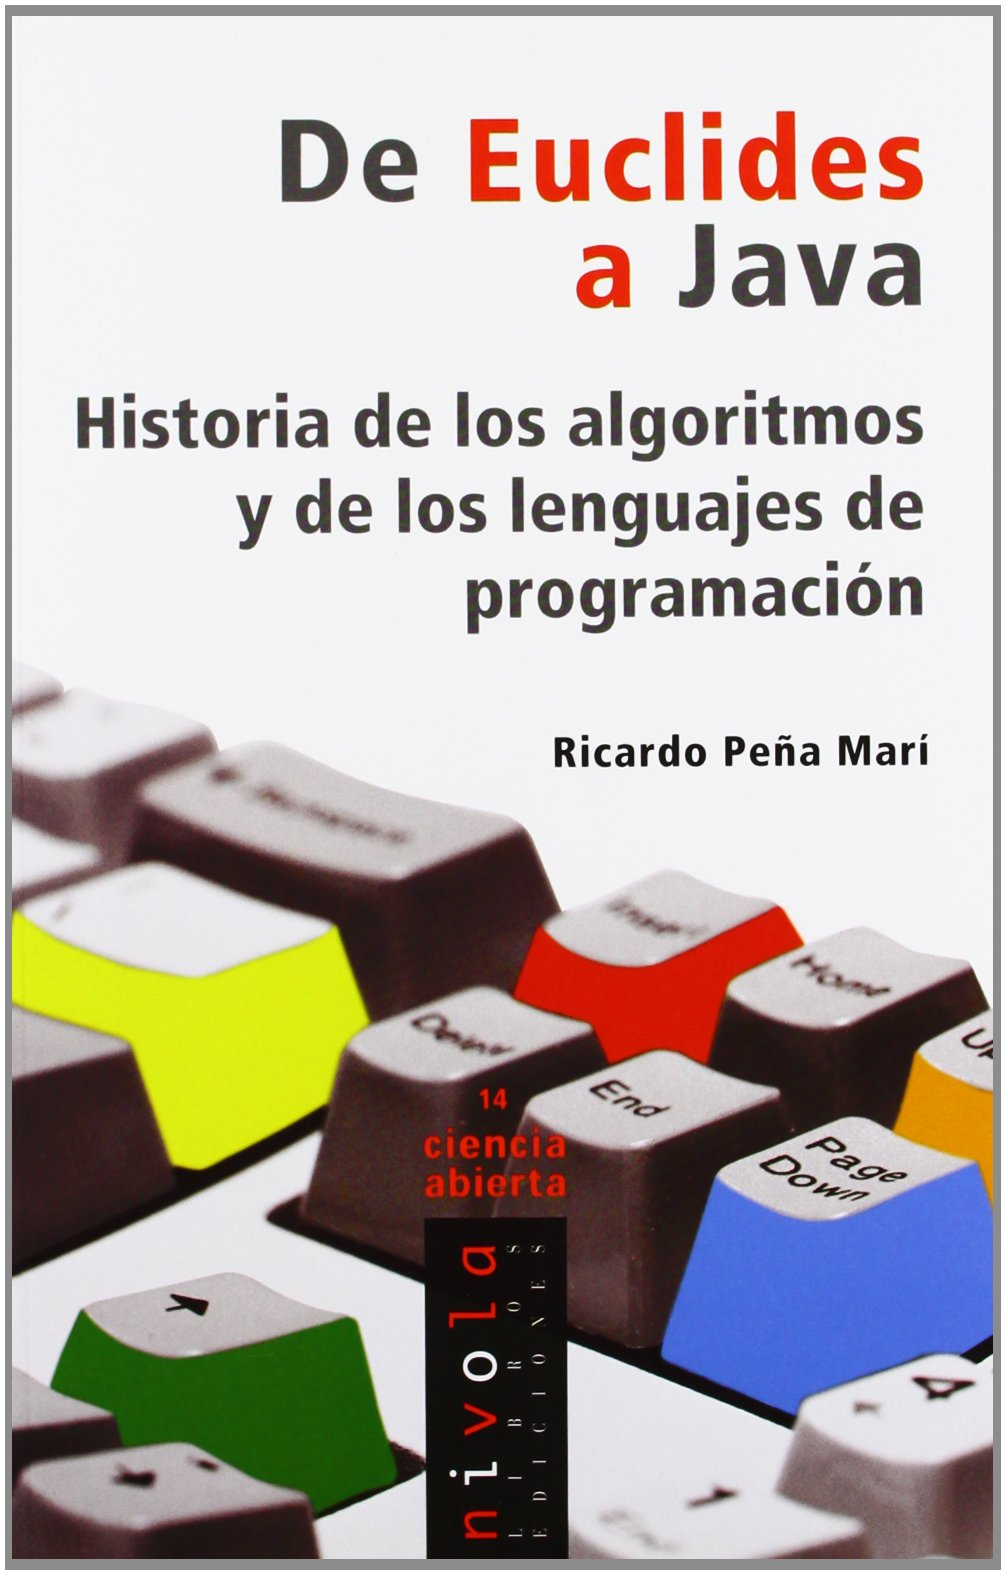 De Euclides a Java. Historia de los algoritmos y de los lenguajes de programación (Ciencia abierta) Tapa blanda – mar 2006 Ricardo Peña Marí Nivola 8496566145 BOG_LIB_U_013745